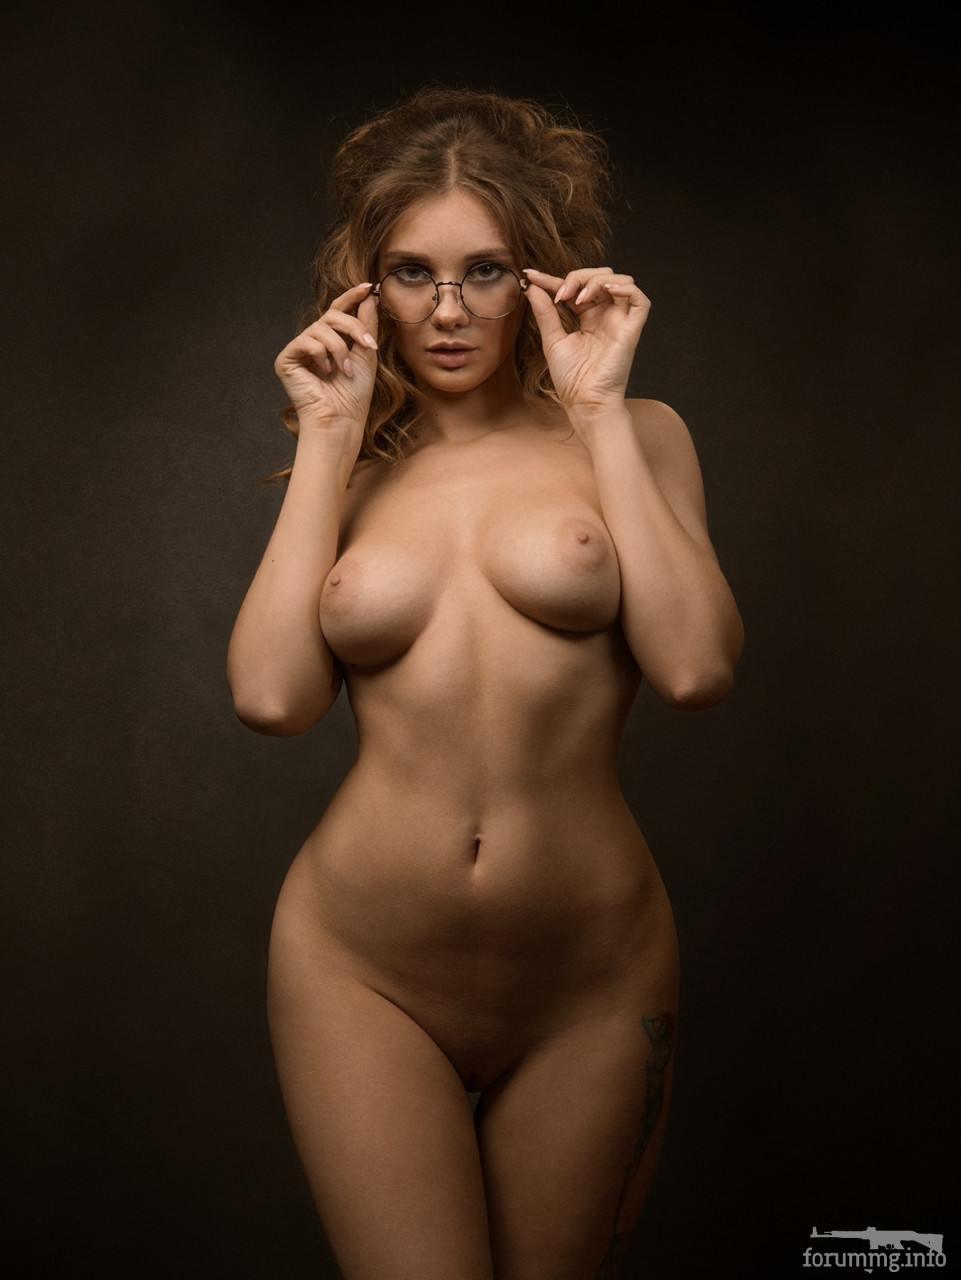 114215 - Красивые женщины